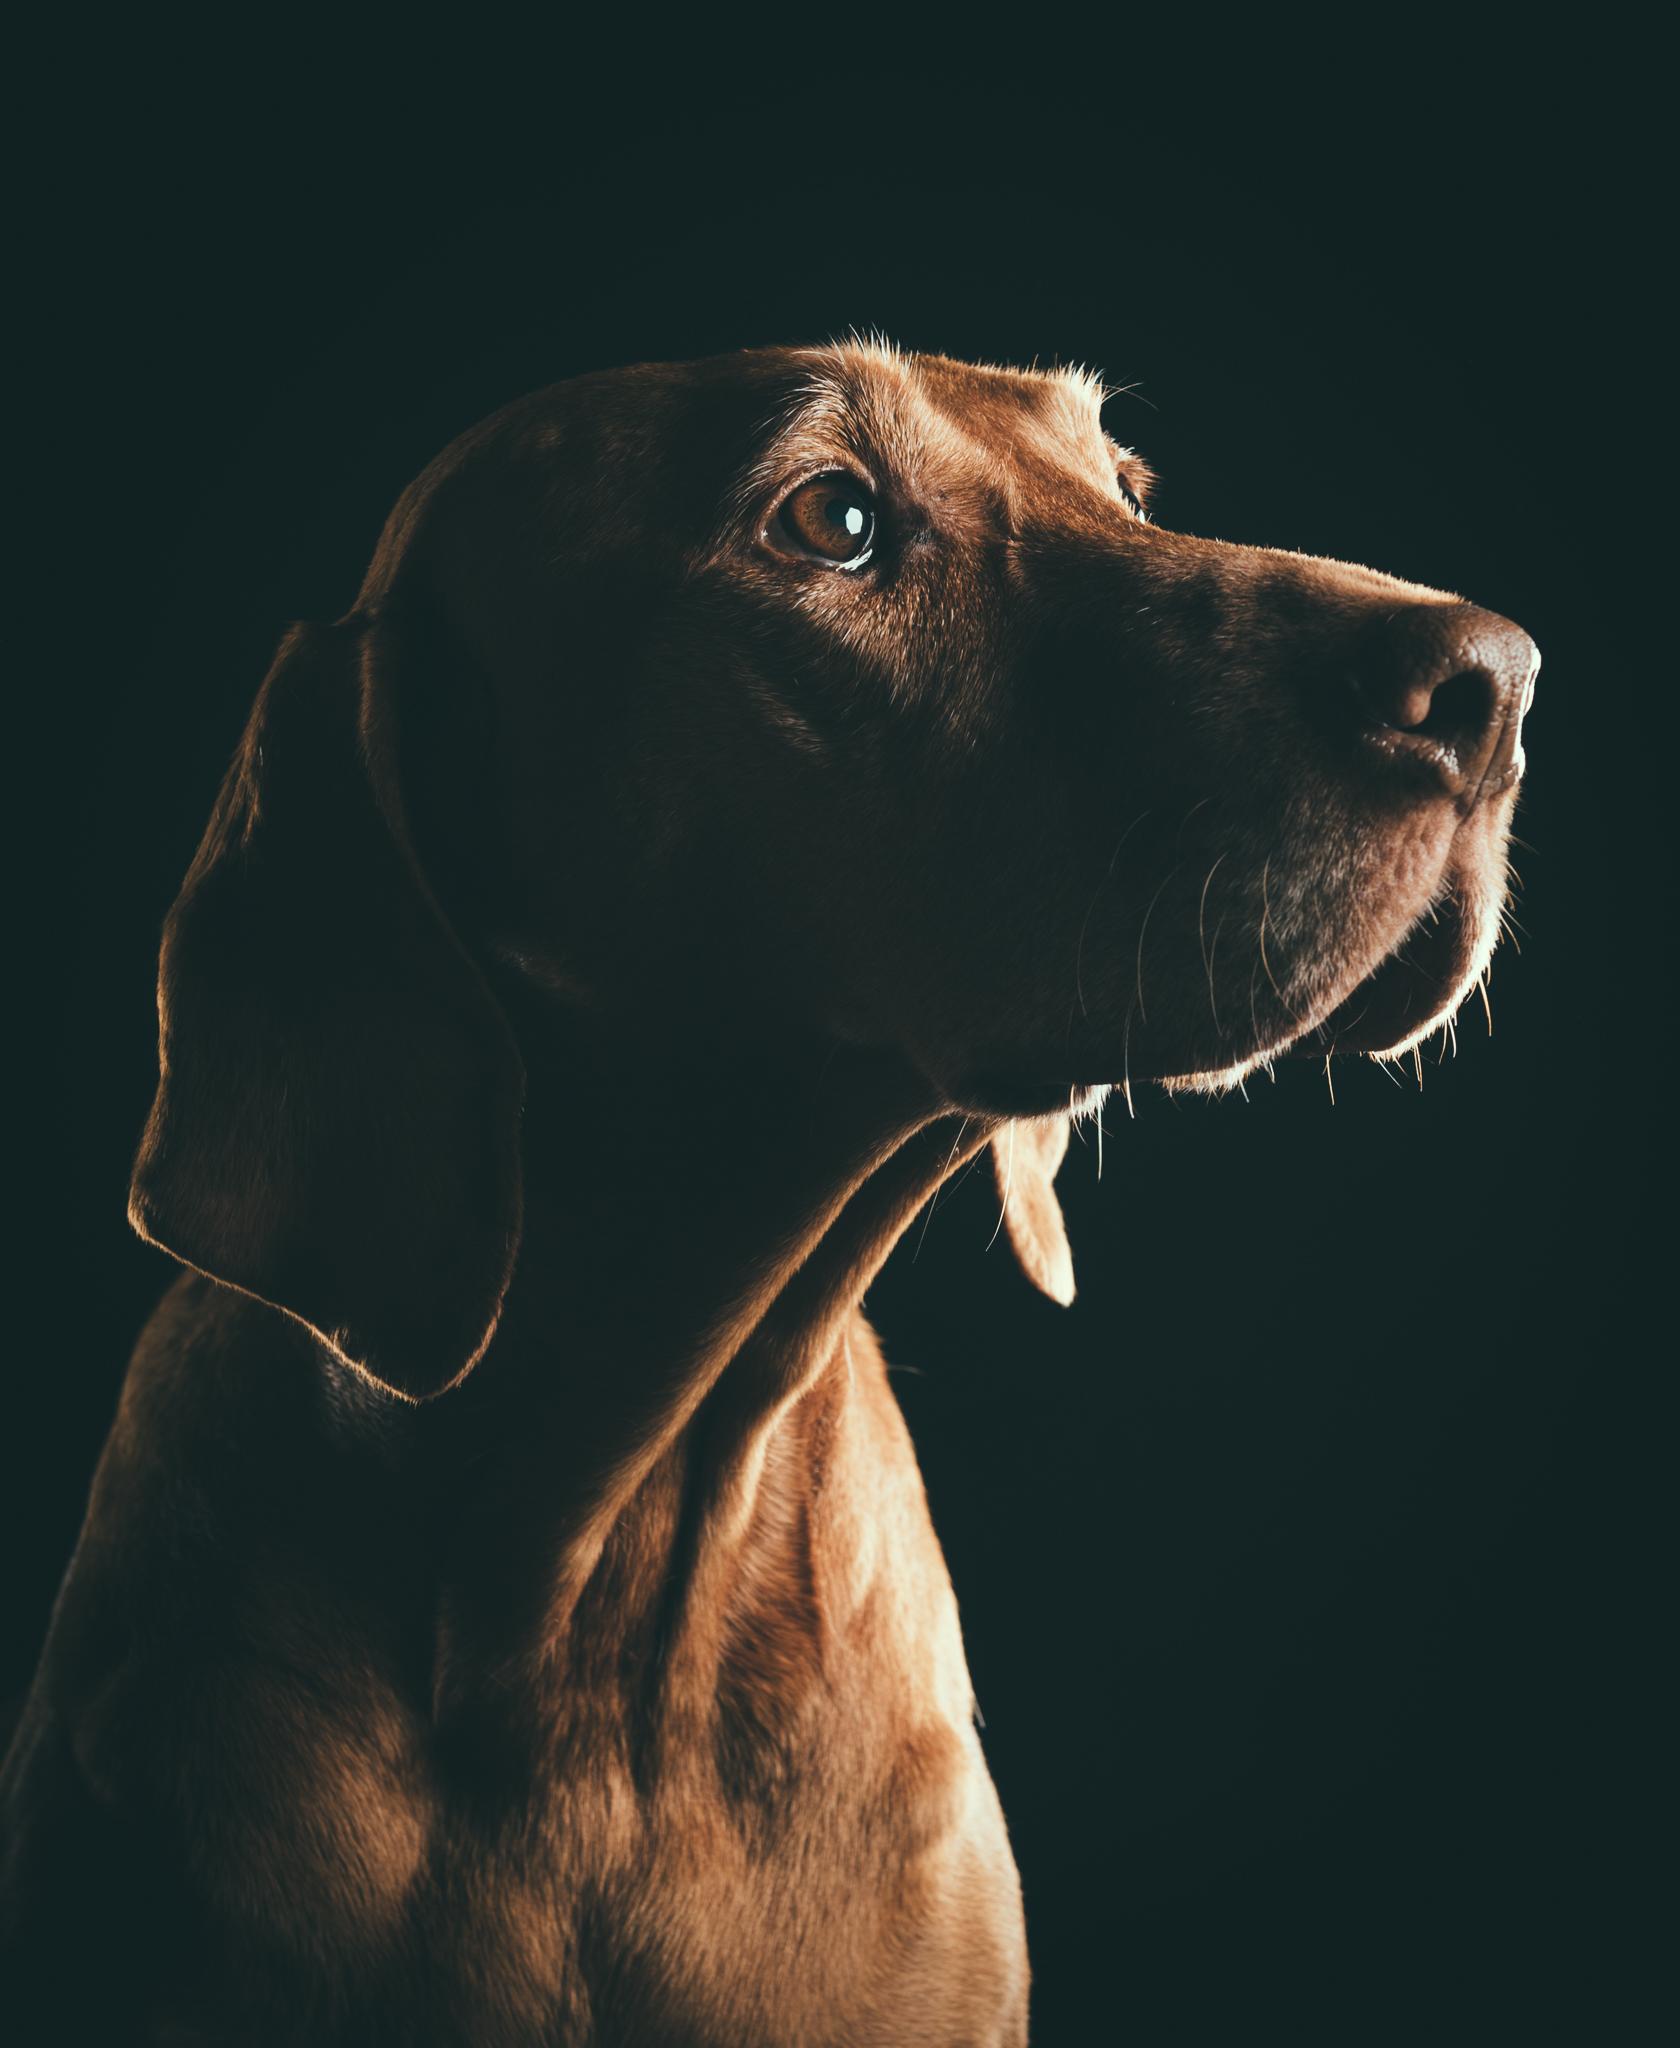 klaus-dyba-dog-photography-viszla